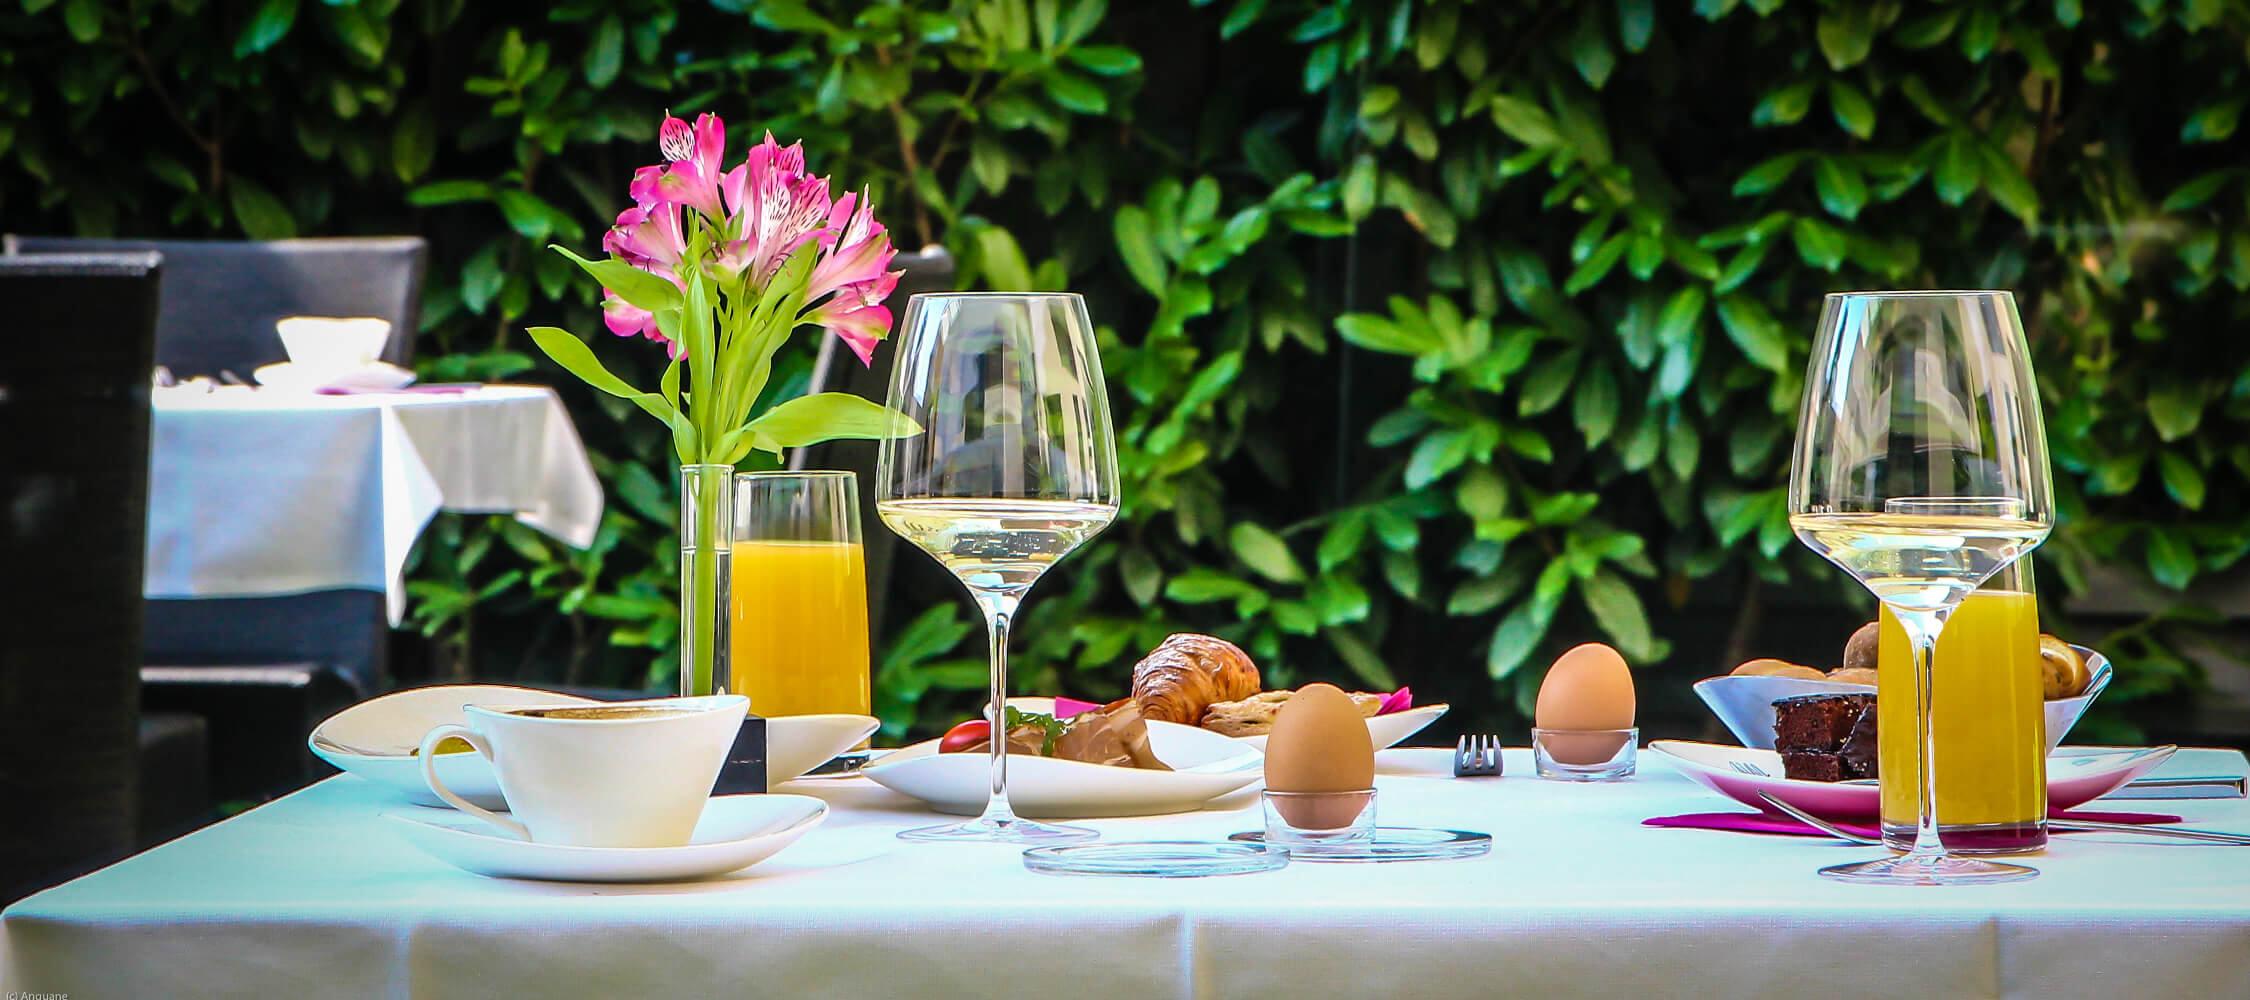 City_Hotel_Merano_Restaurant_Breakfast_Buffet_Fruehstueck_Terrasse_Tisch_Detail_Essen_Anguane_1994_2250x1000